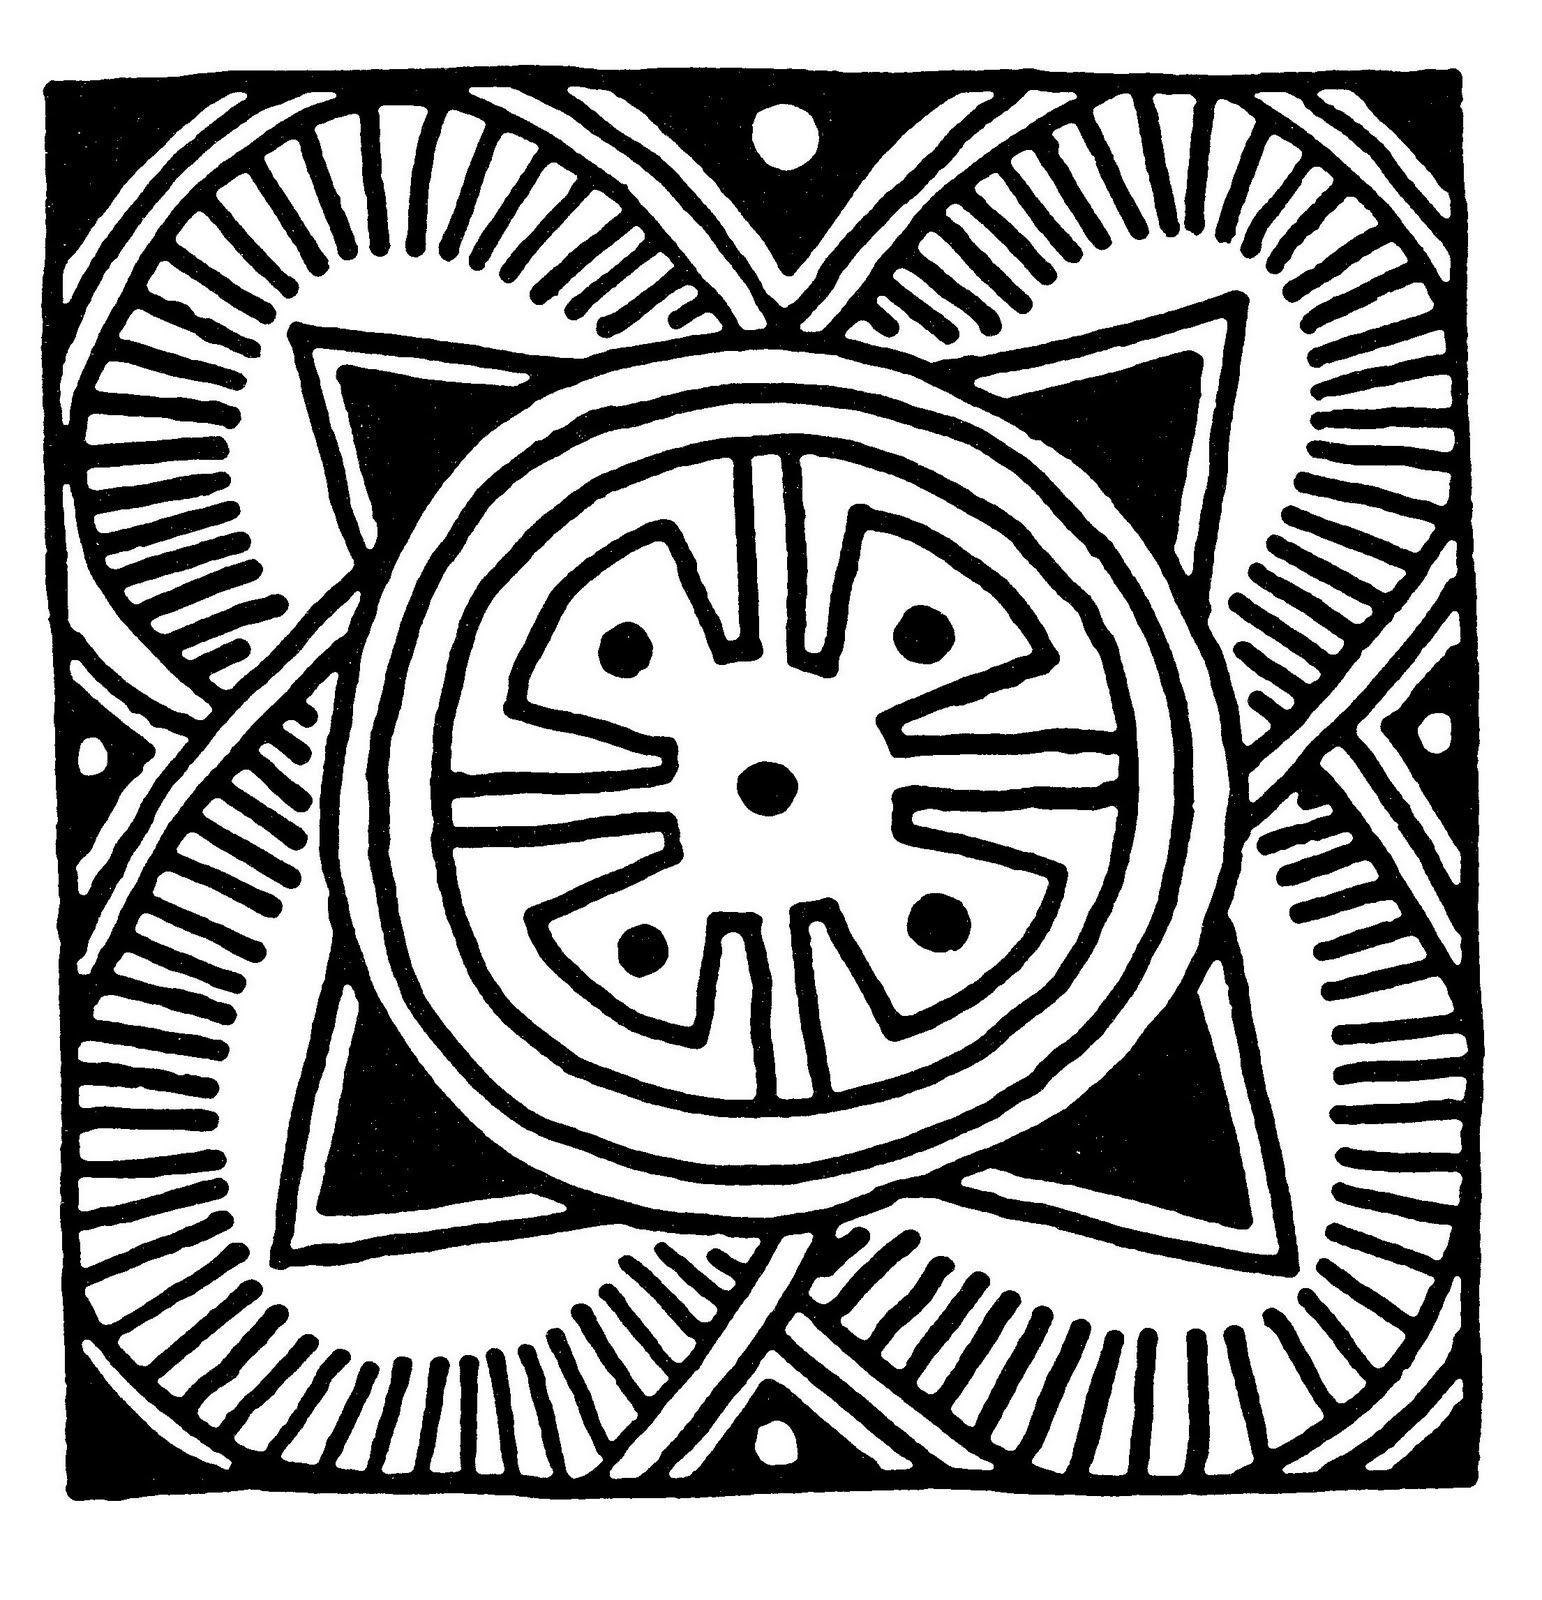 Mandalabambaramalcadg mandalas pinterest